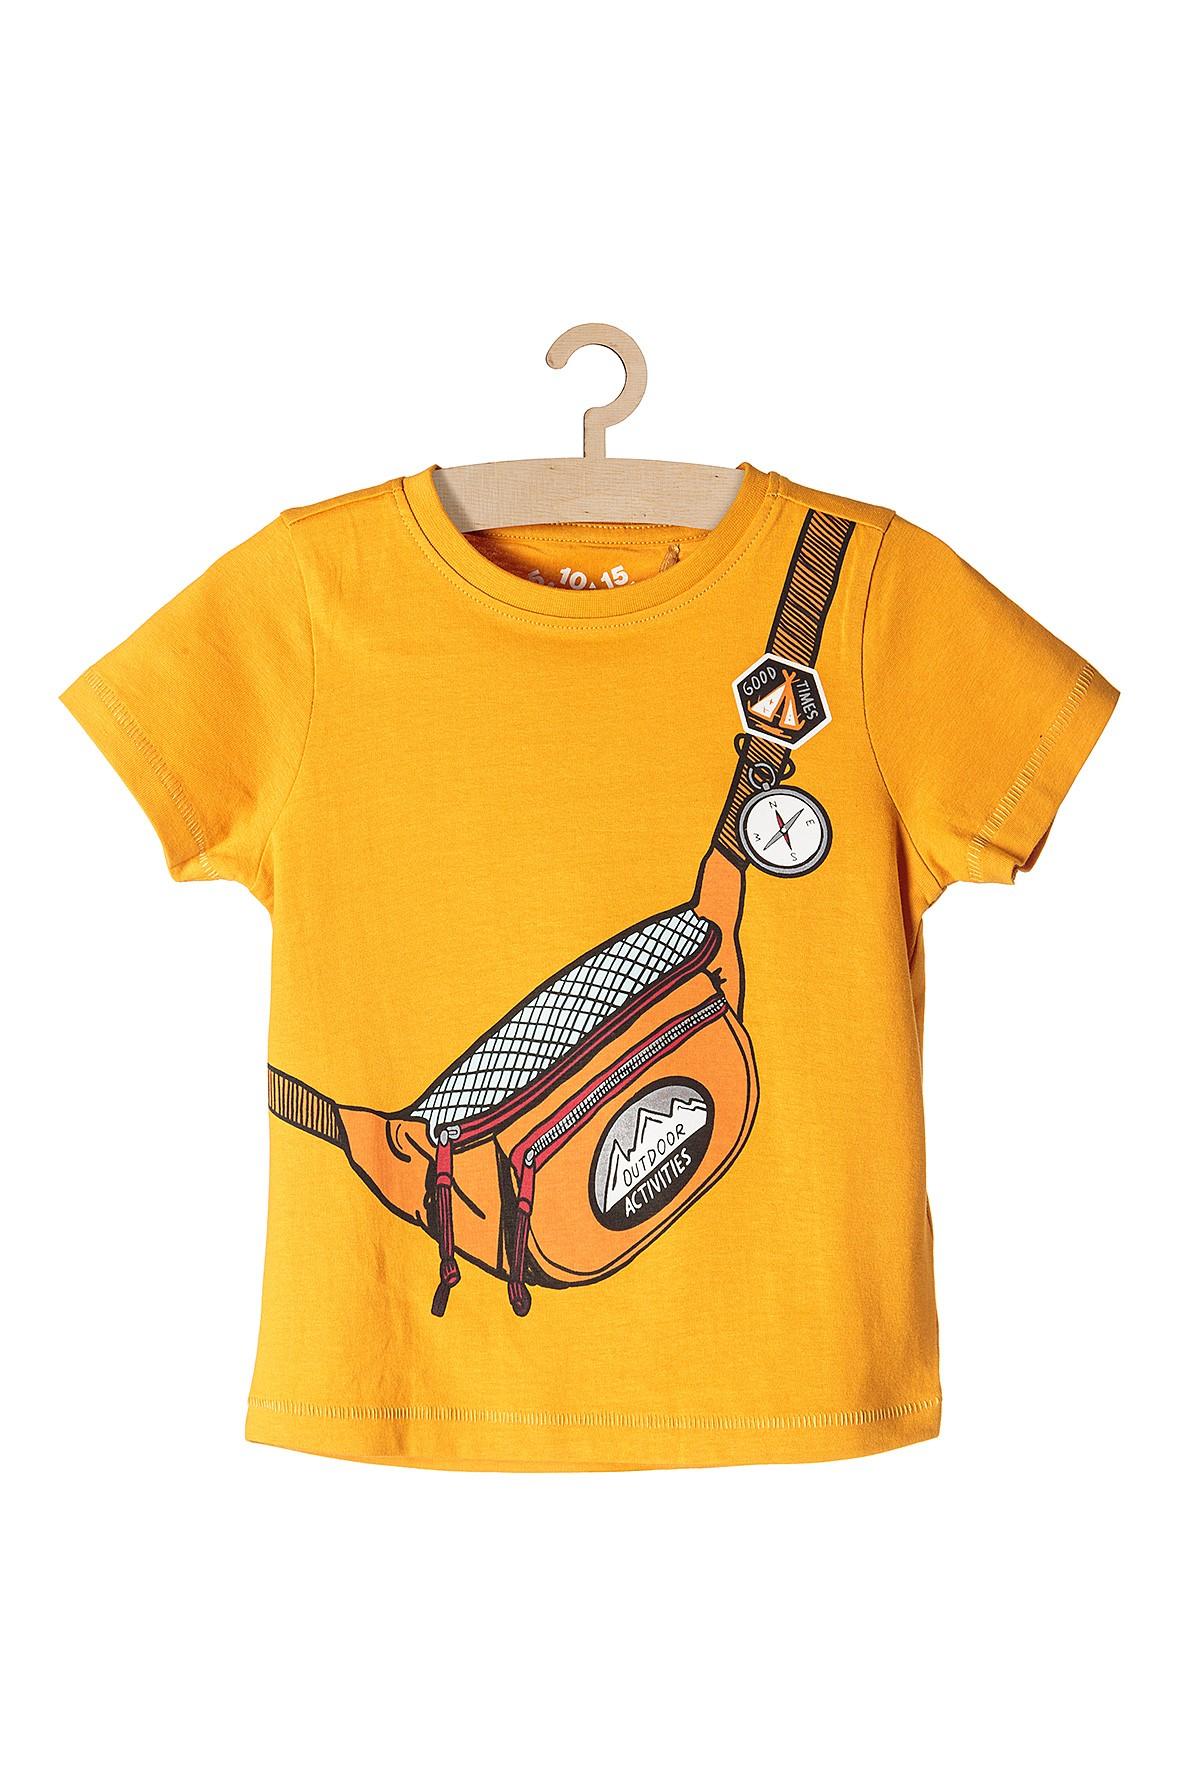 Koszulka chłopięca żółta z imitacja nerki